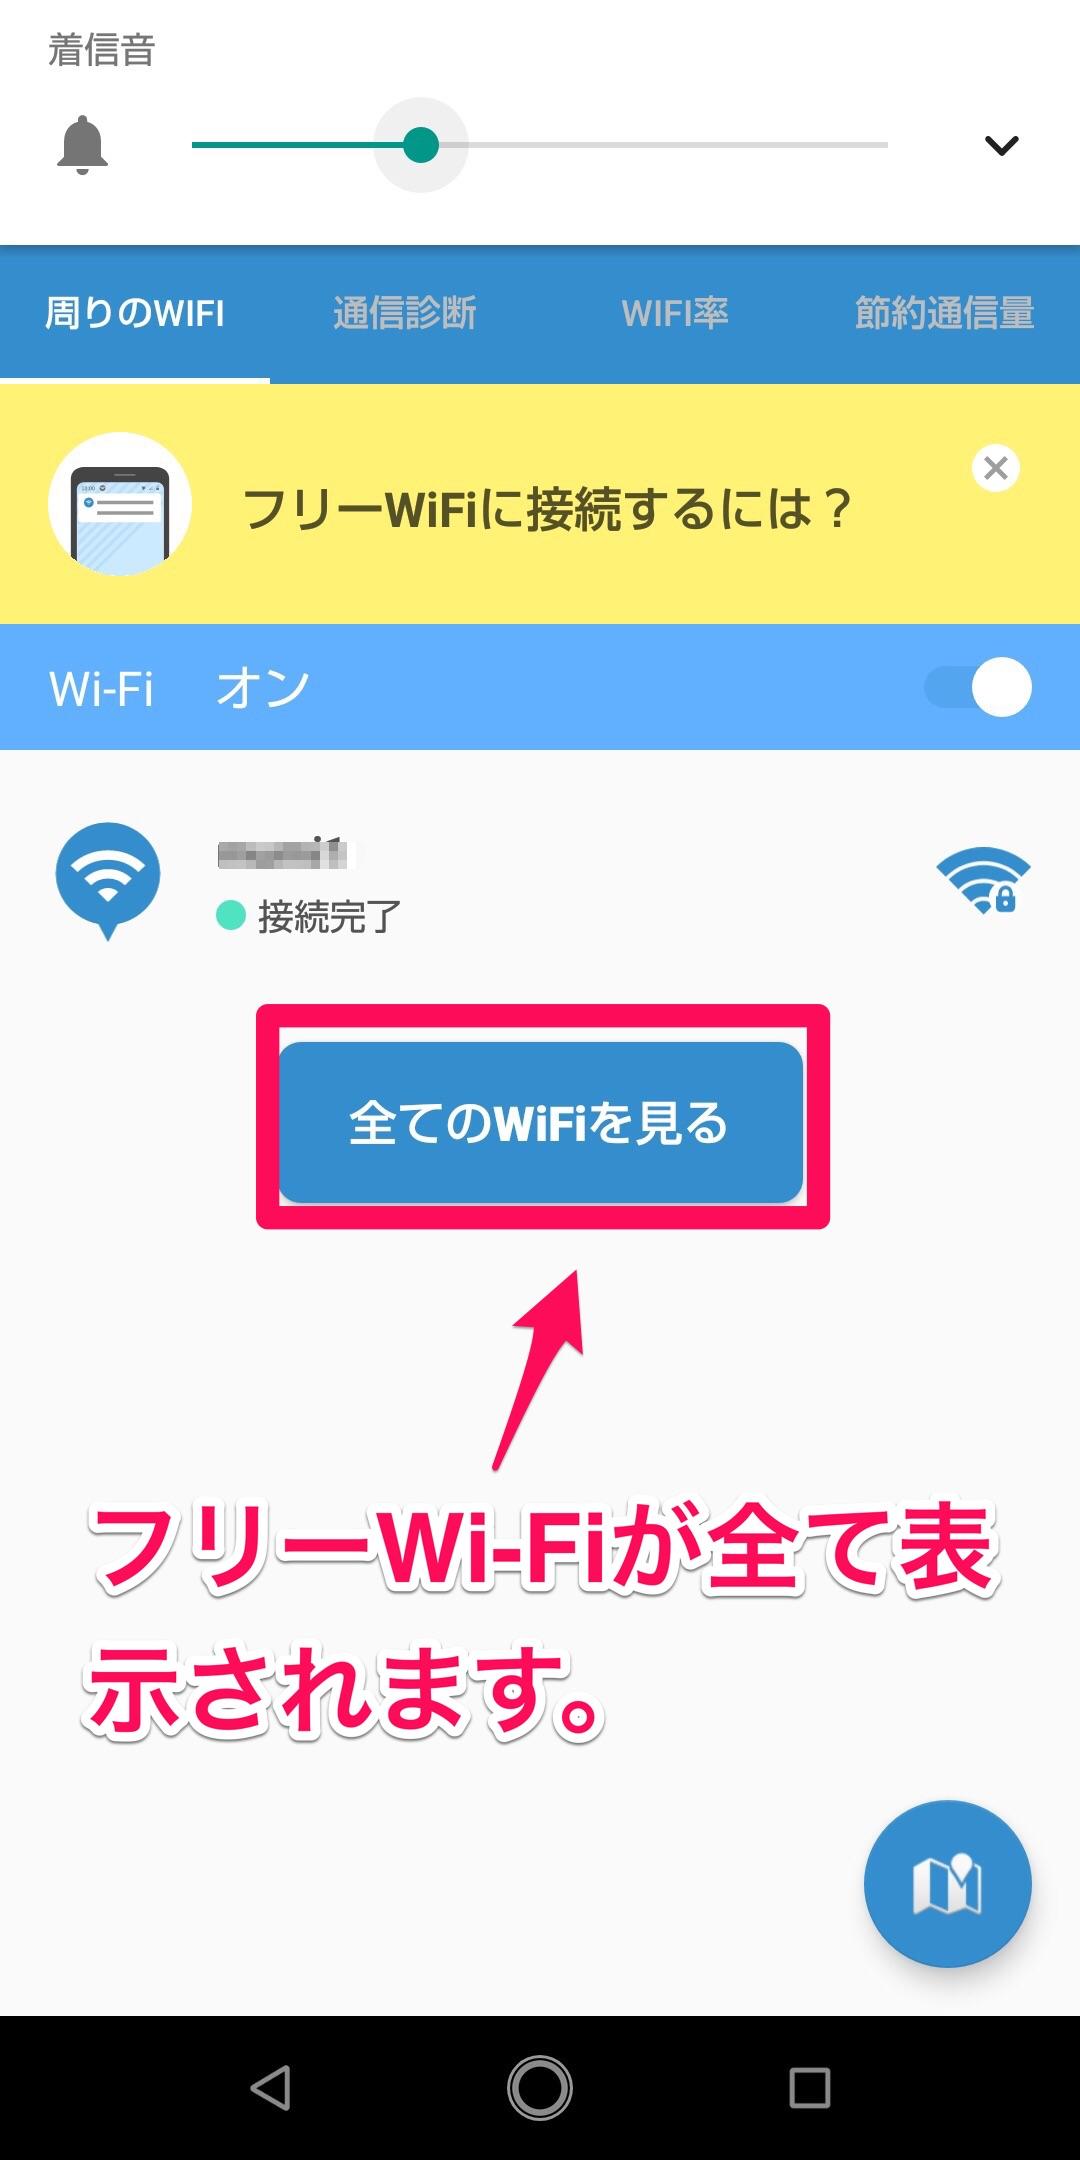 Town WiFi